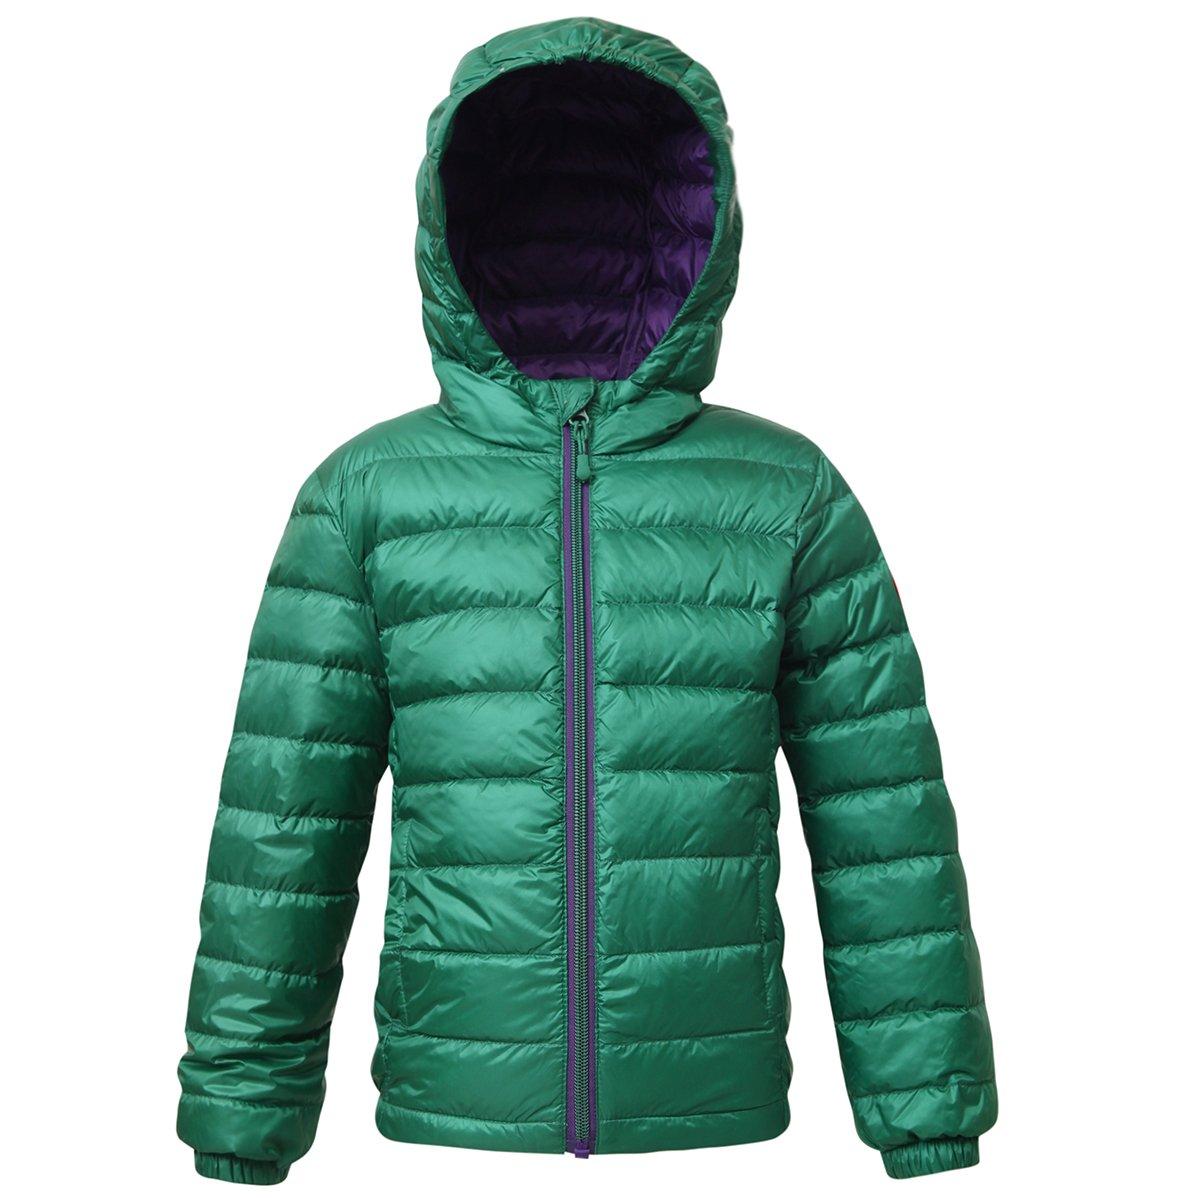 Rokka&Rolla Boys' Ultra Lightweight Hooded Packable Puffer Down Jacket (M (8), Verdant Green)